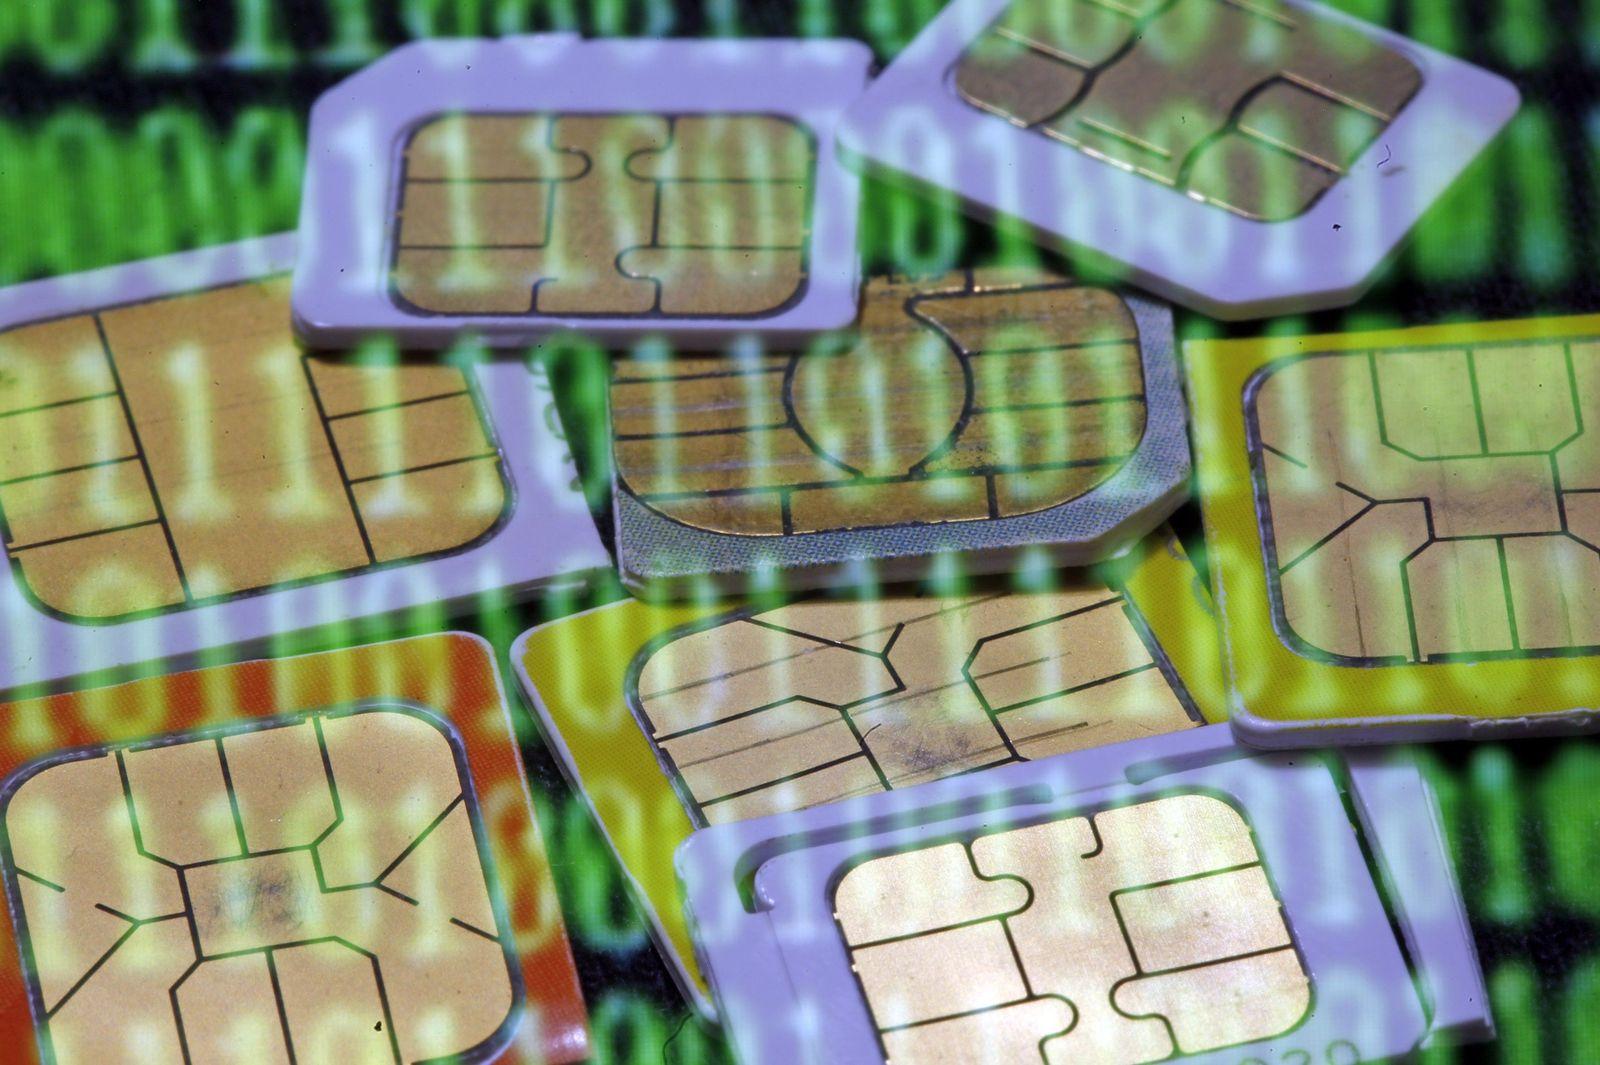 NICHT MEHR VERWENDEN! - Symbolbild Handy/ Daten/ Vorratsdatenspeicherung/ SIM Karten